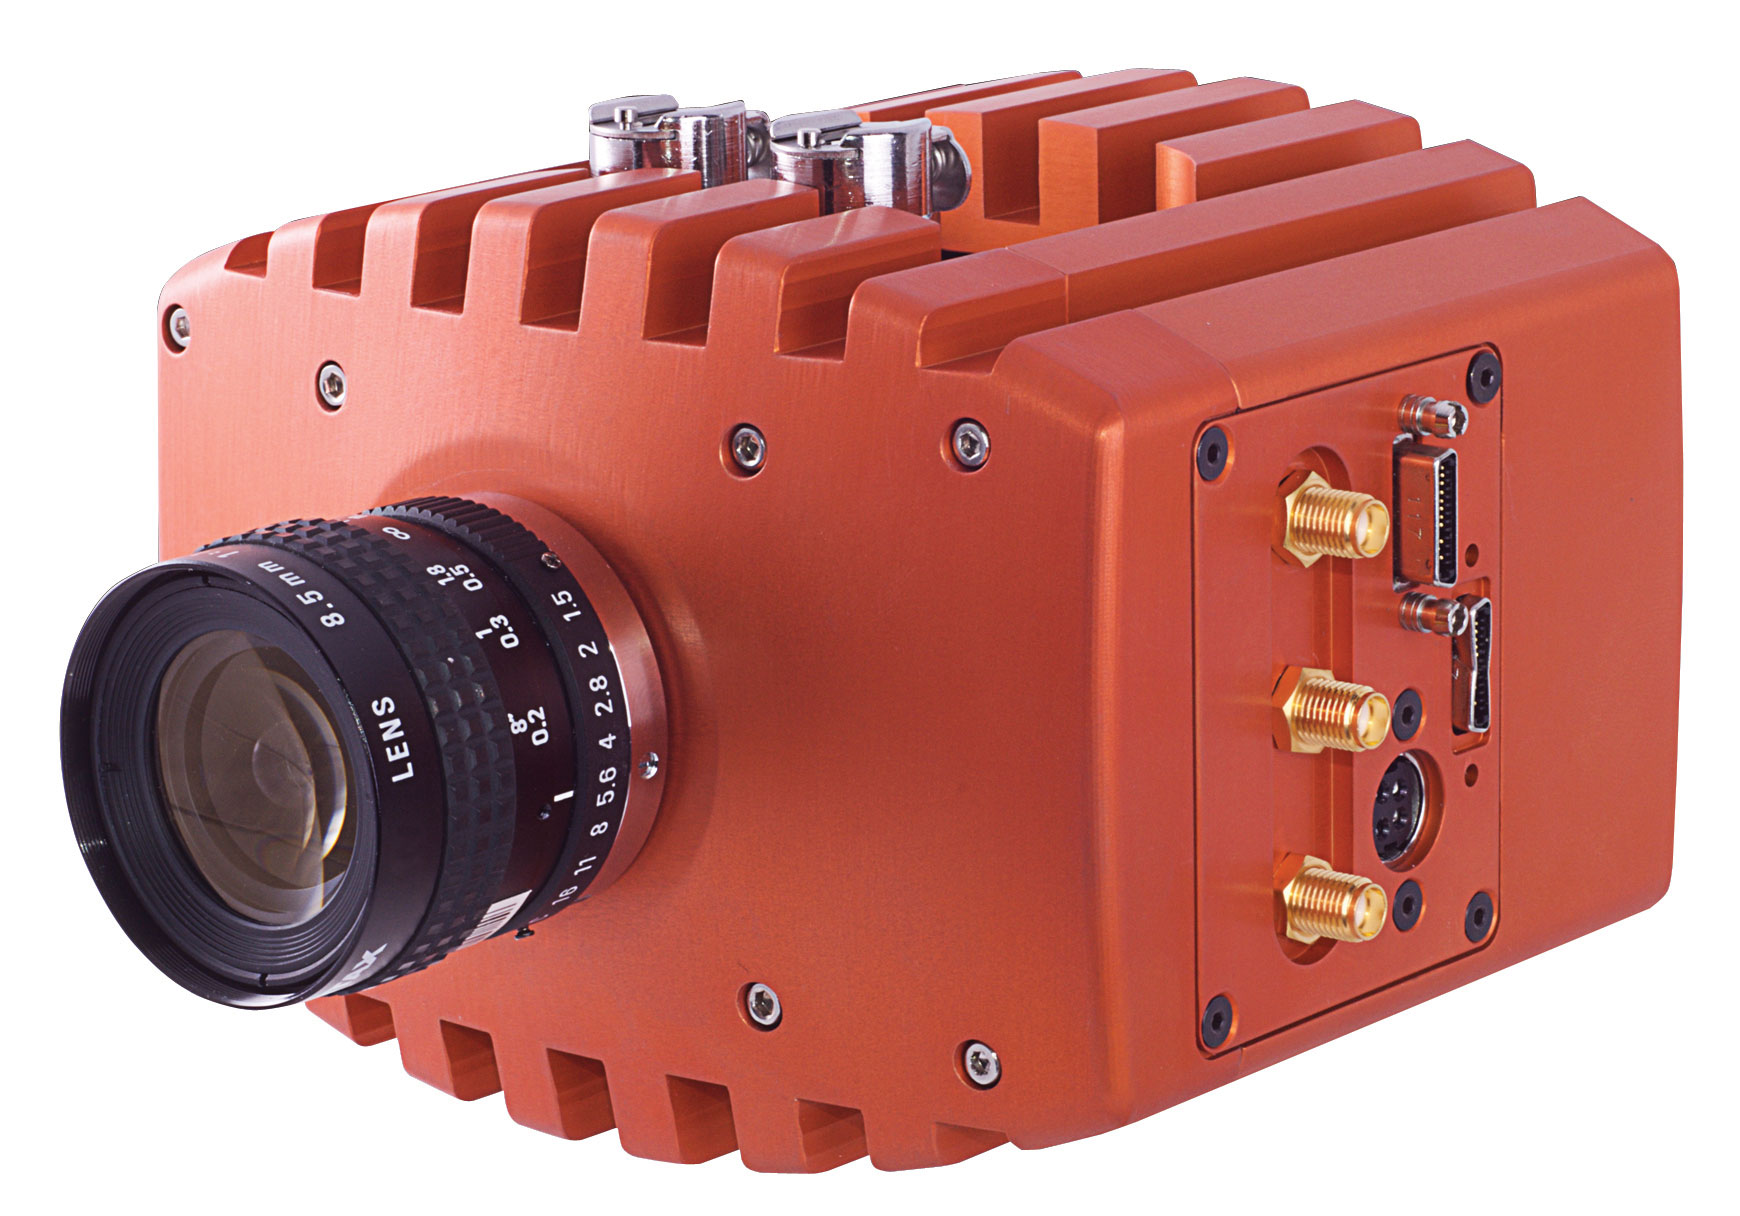 Spectroscopy CCD